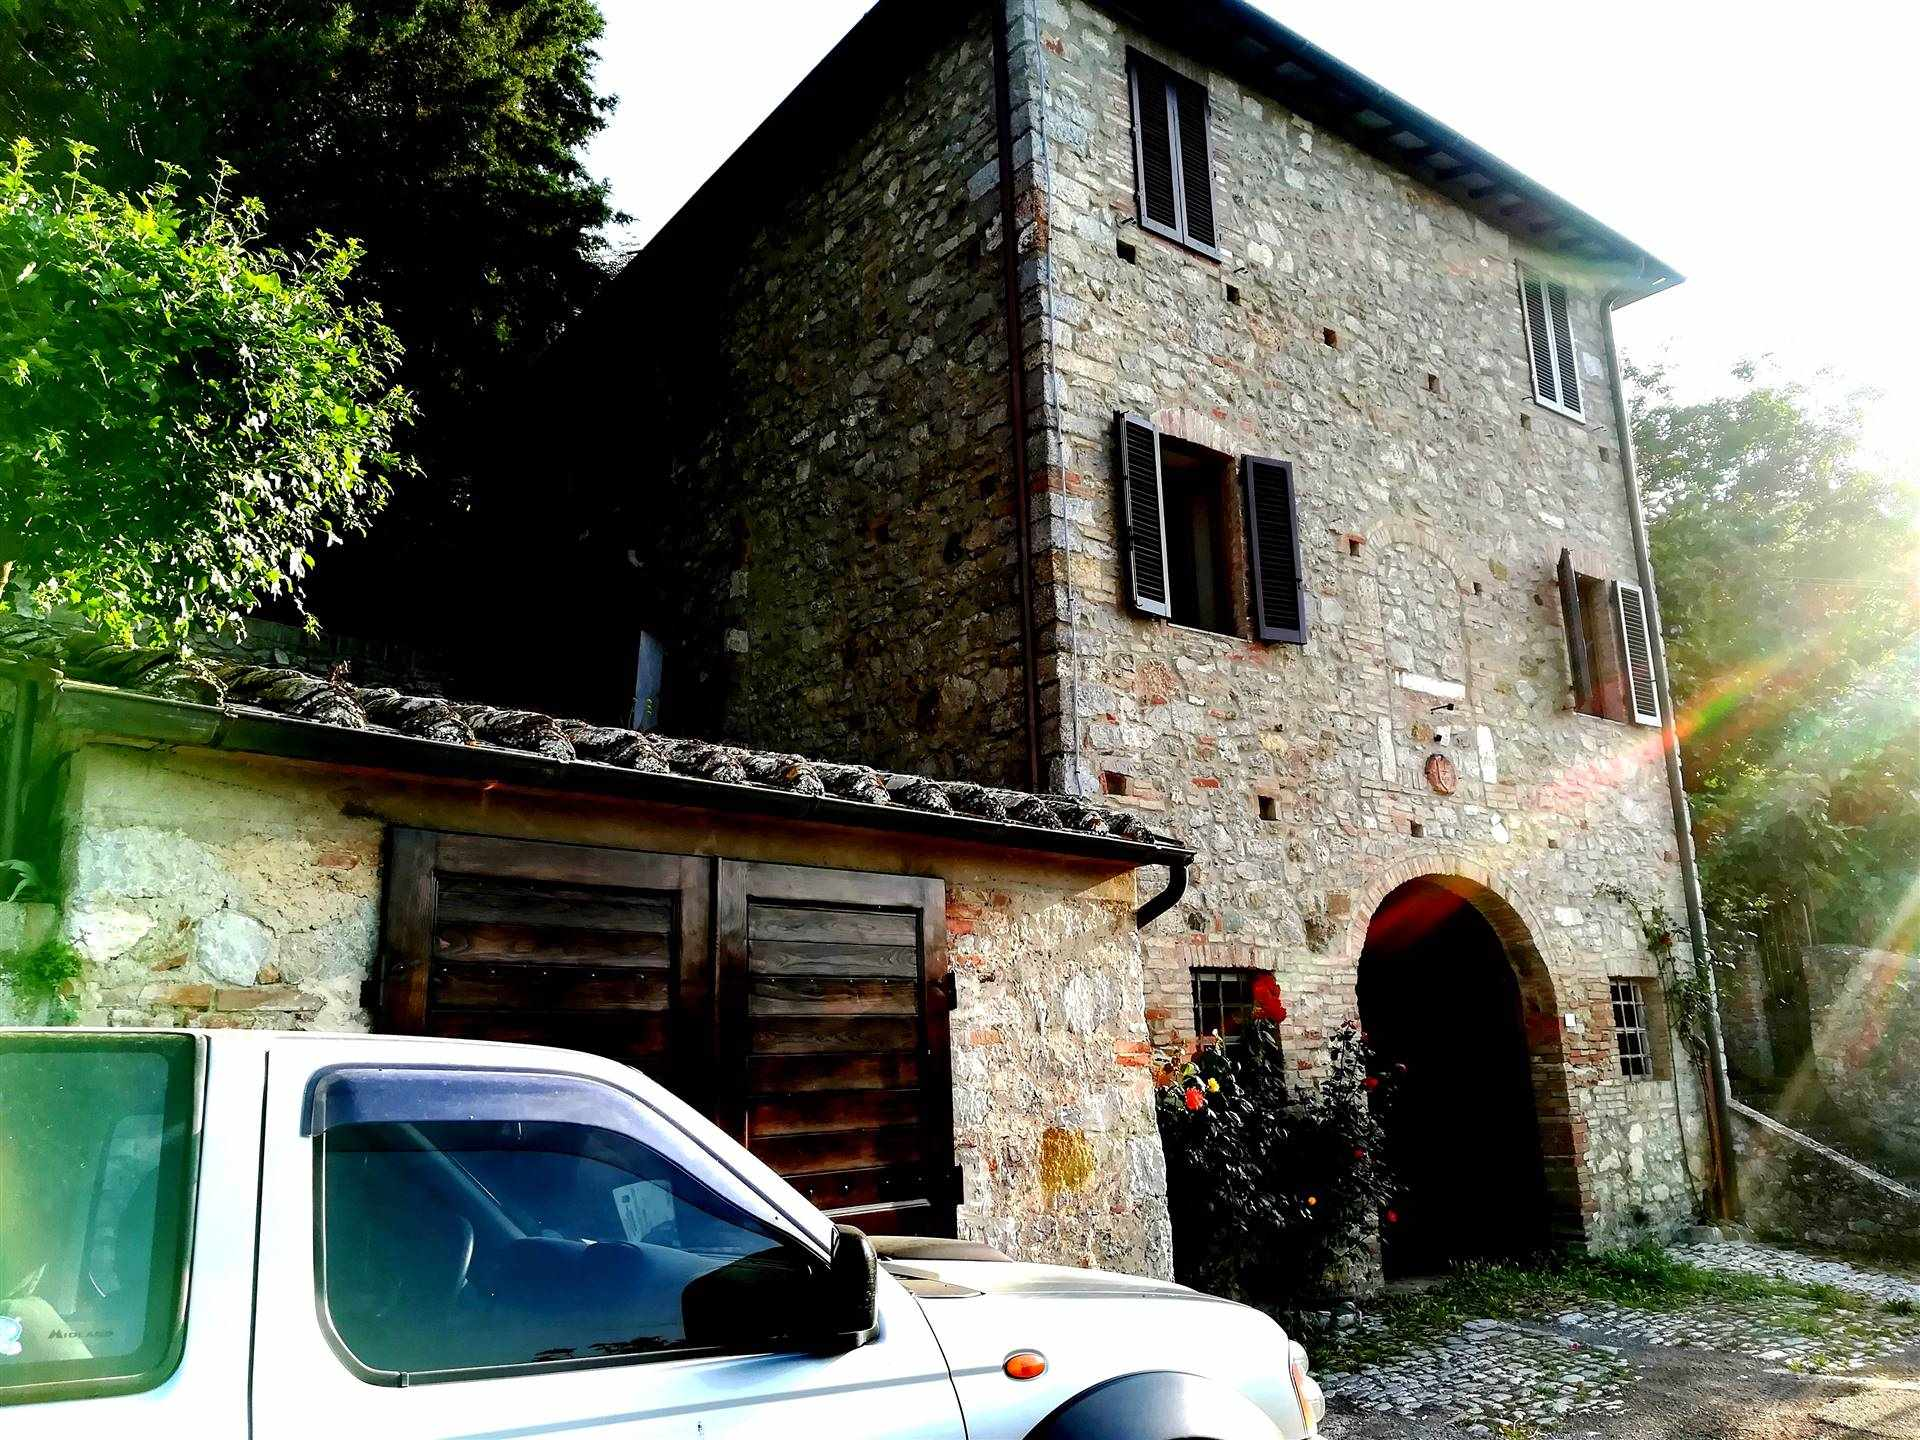 ROCCA D'ORCIA, CASTIGLIONE D'ORCIA, Appartamento in vendita, Da ristrutturare, Riscaldamento Inesistente, Classe energetica: G, posto al piano 1° su